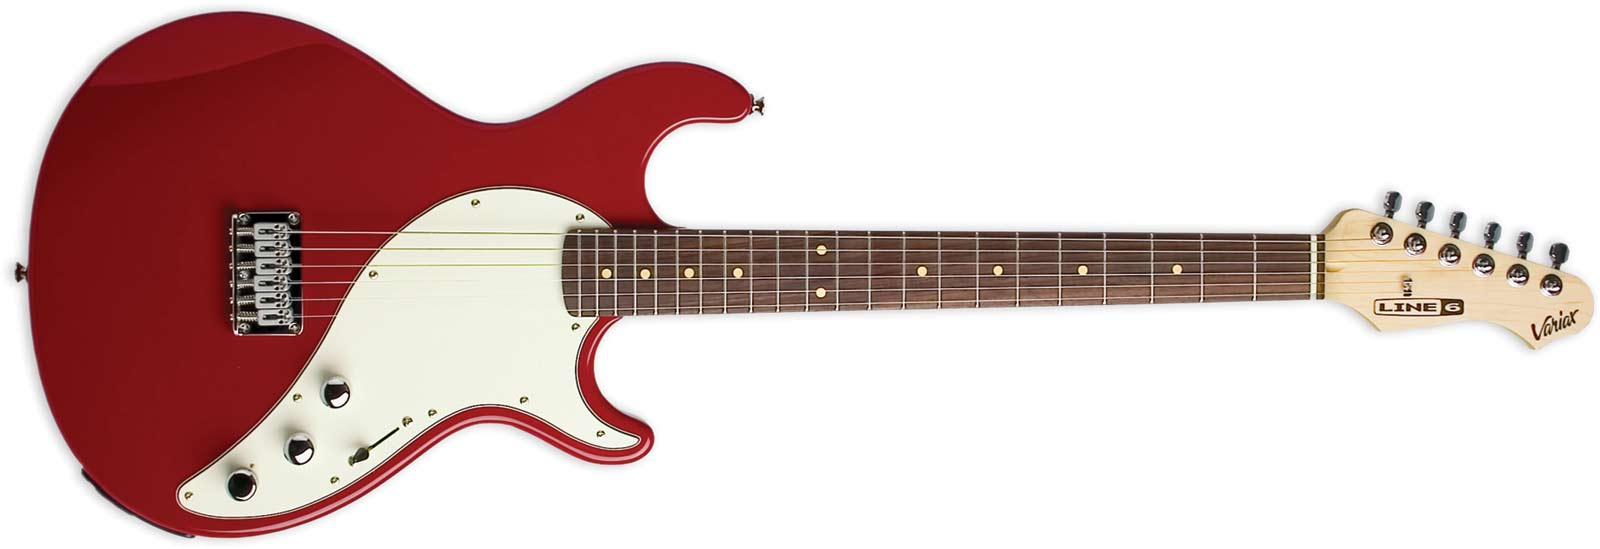 Guitar Giveaway! Win a Line 6 James Tyler Variax Guitar